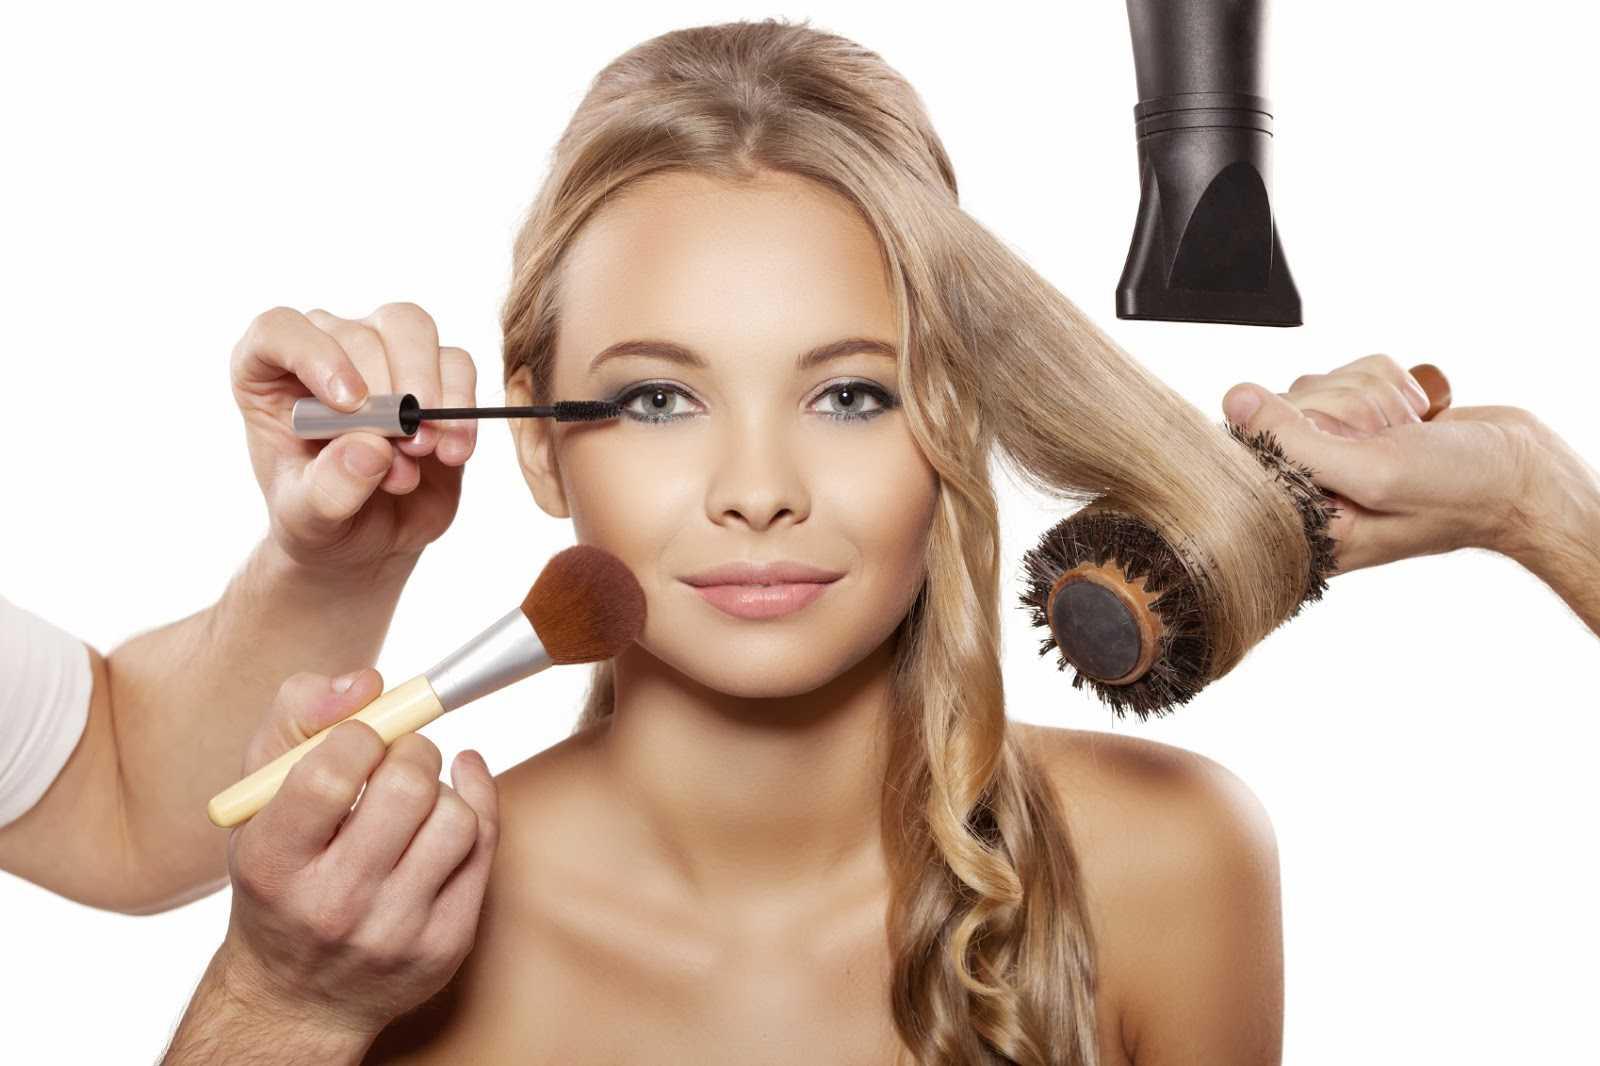 Problemas de belleza con soluciones prácticas 3